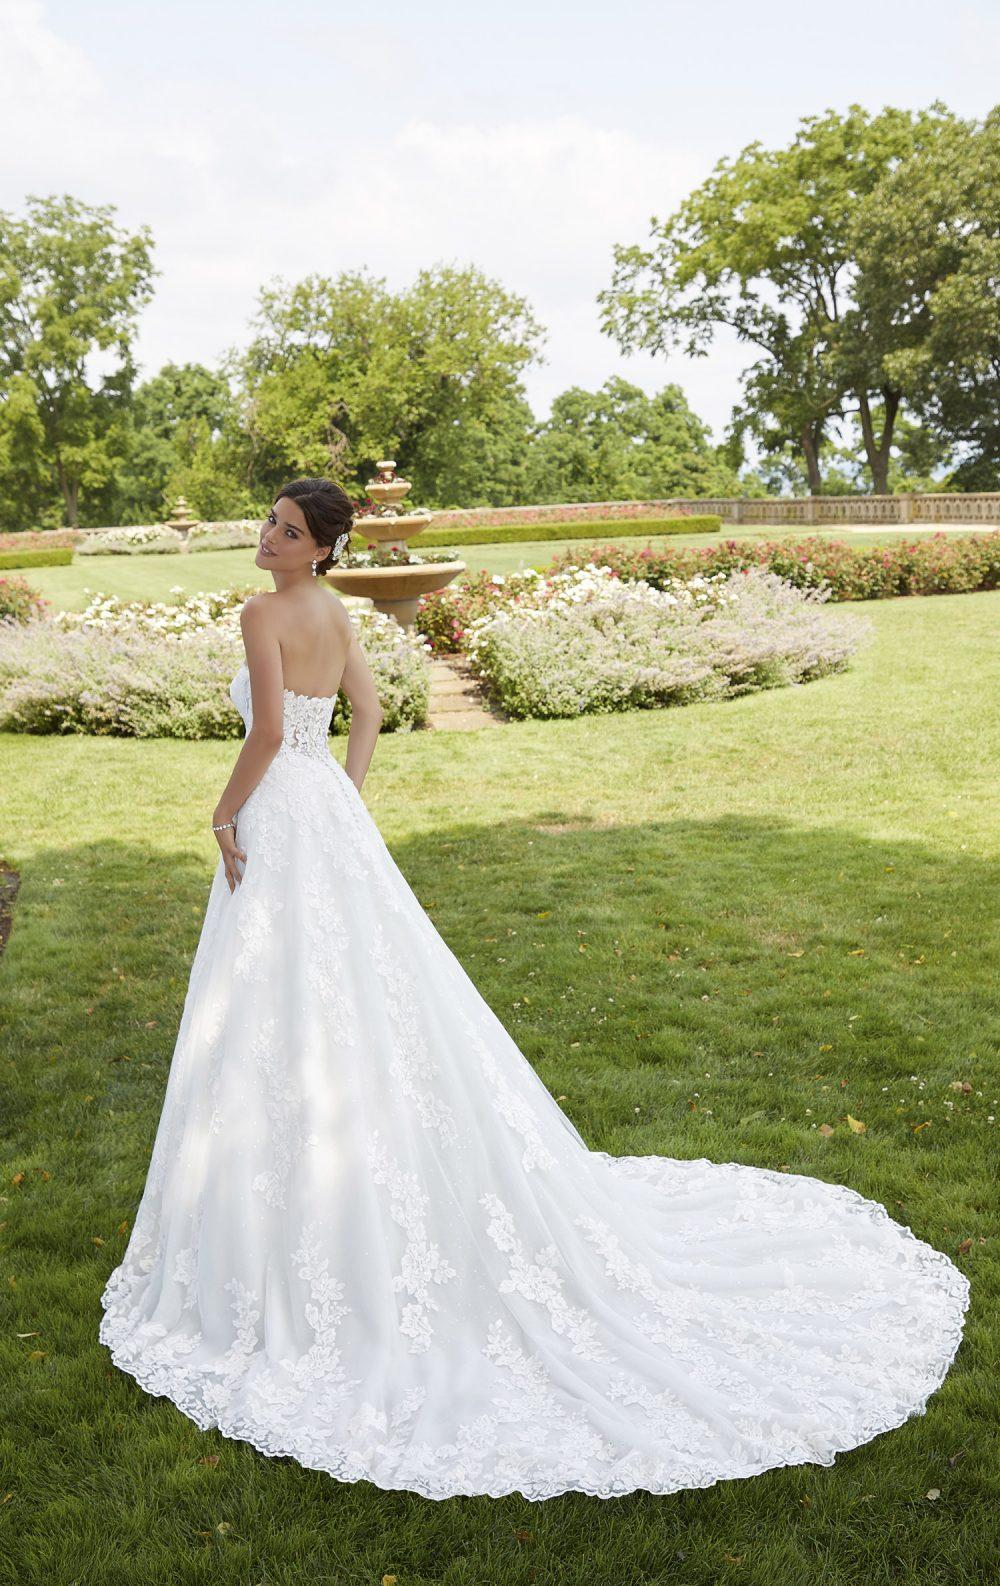 Mariages: abito da sposa Morilee 2021 a Vicenza, Verona, Padova, Veneto 5810